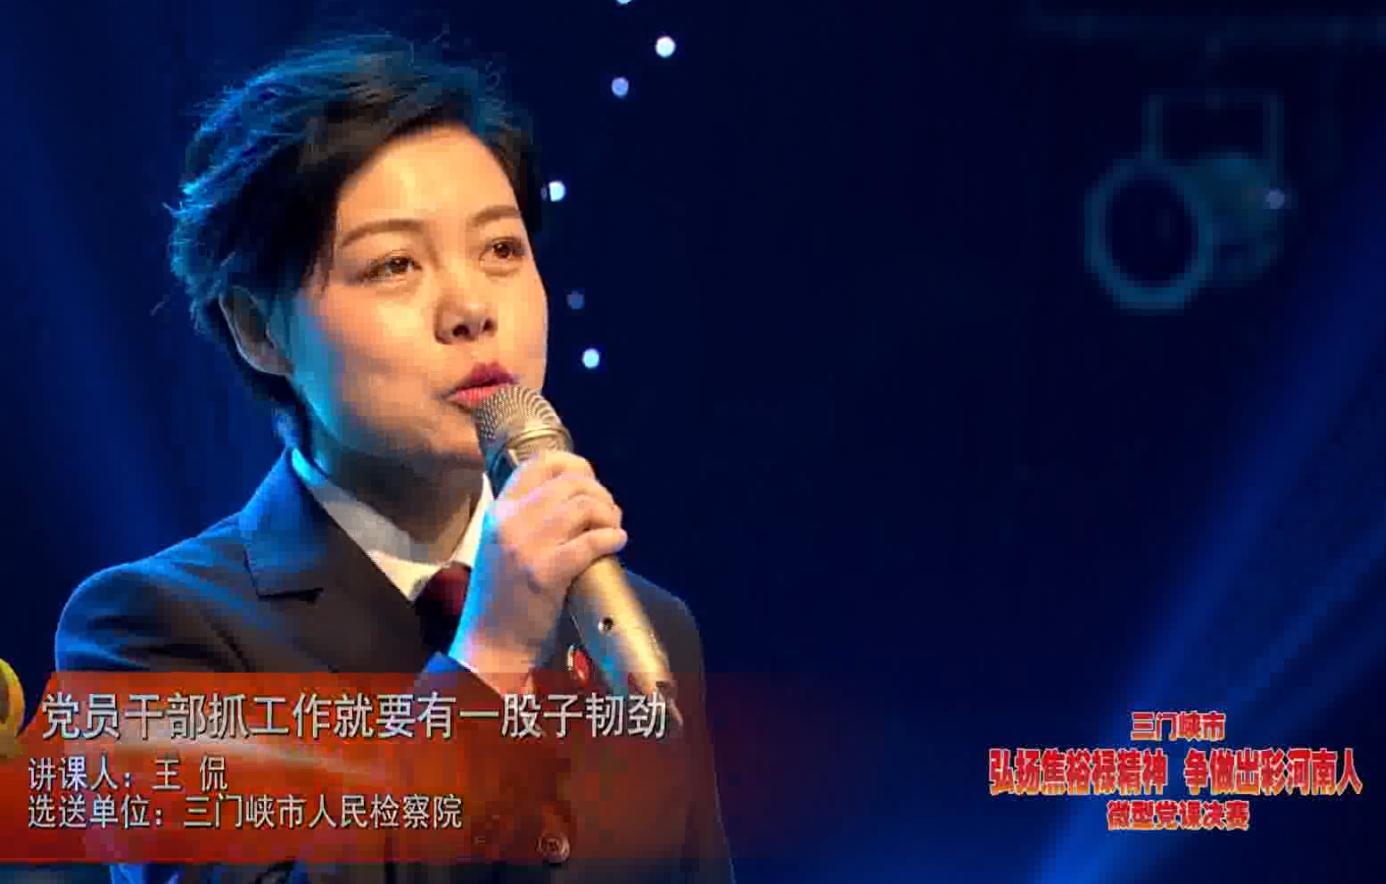 12號選手(shou)王(wang)侃《黨員干部抓(zhua)工作就要(yao)有一股子韌勁》